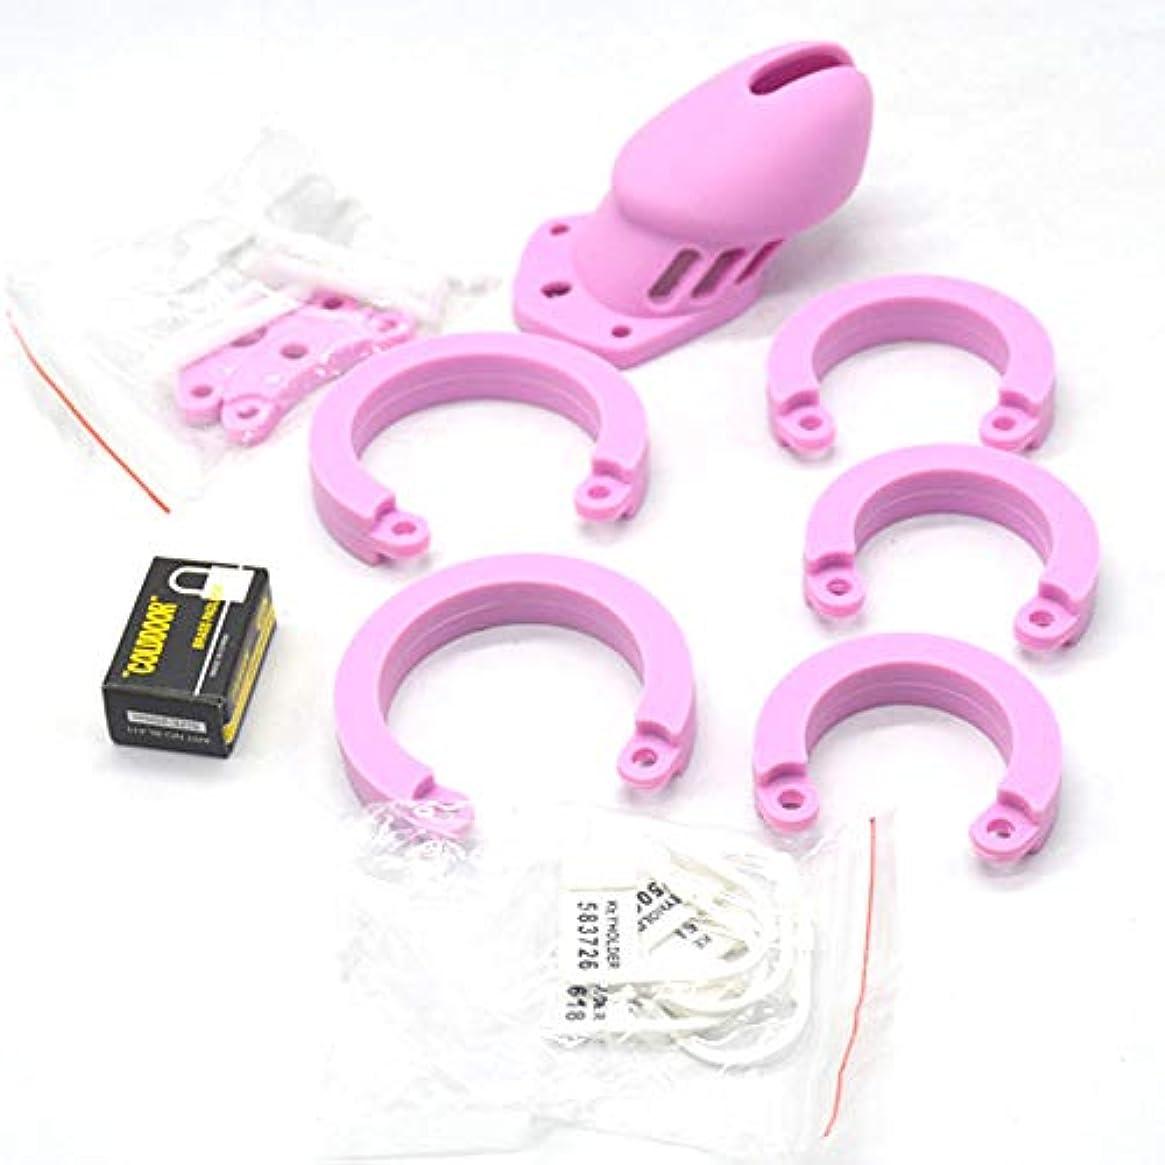 同一性ぐったり回路メンズグレード医療、ゲームリングと南京錠付きリハビリテーション機器先端医療グレードケージ高級マッサージマッサージマッサージ,8cm